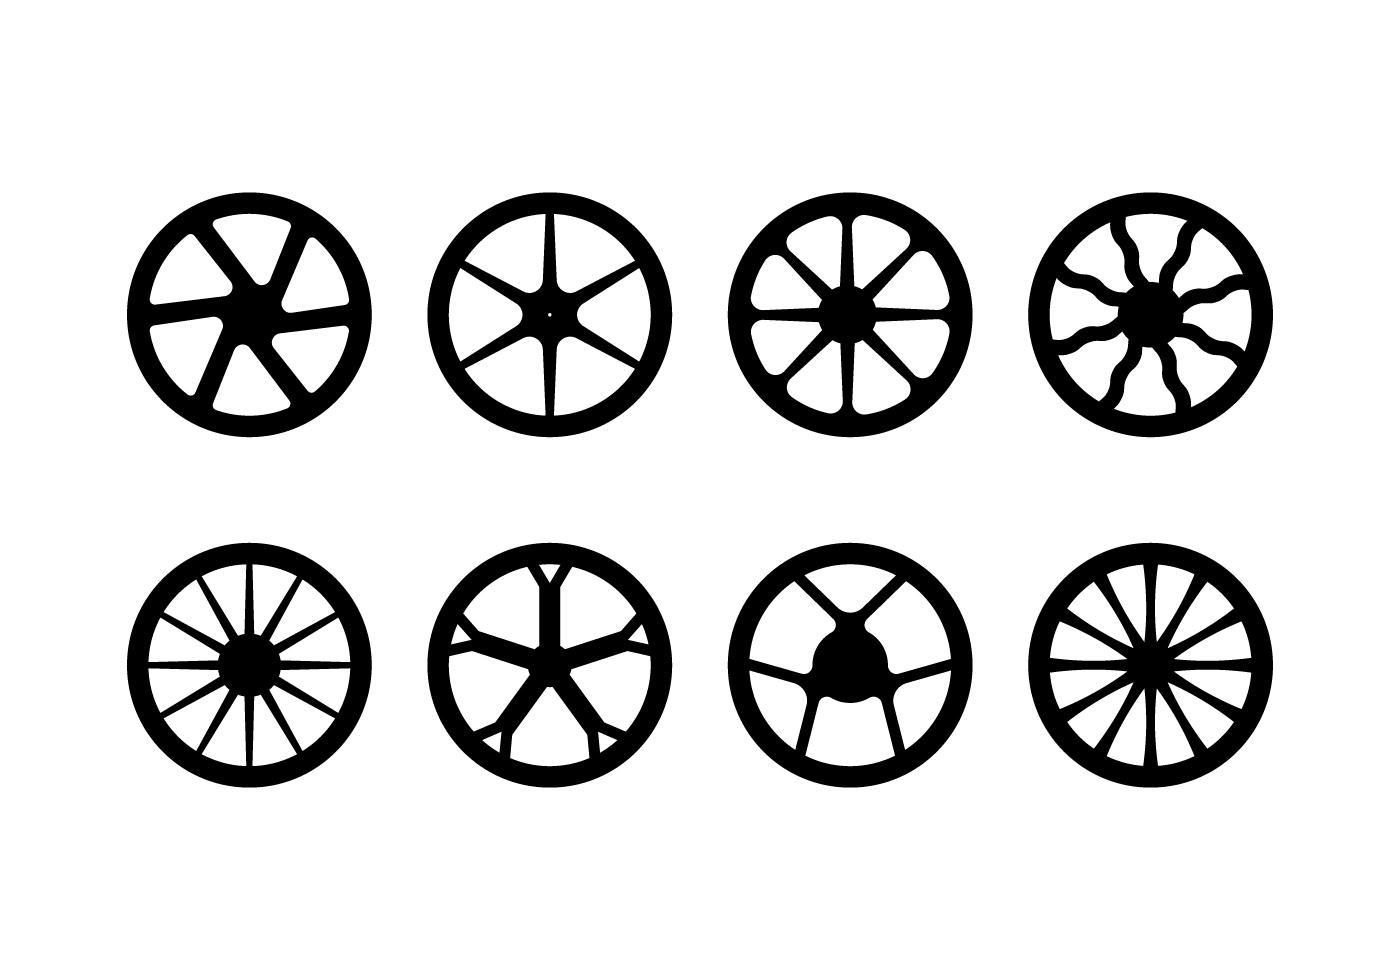 Motorcycle Hubcap Vector Pack - Download Free Vector Art ...